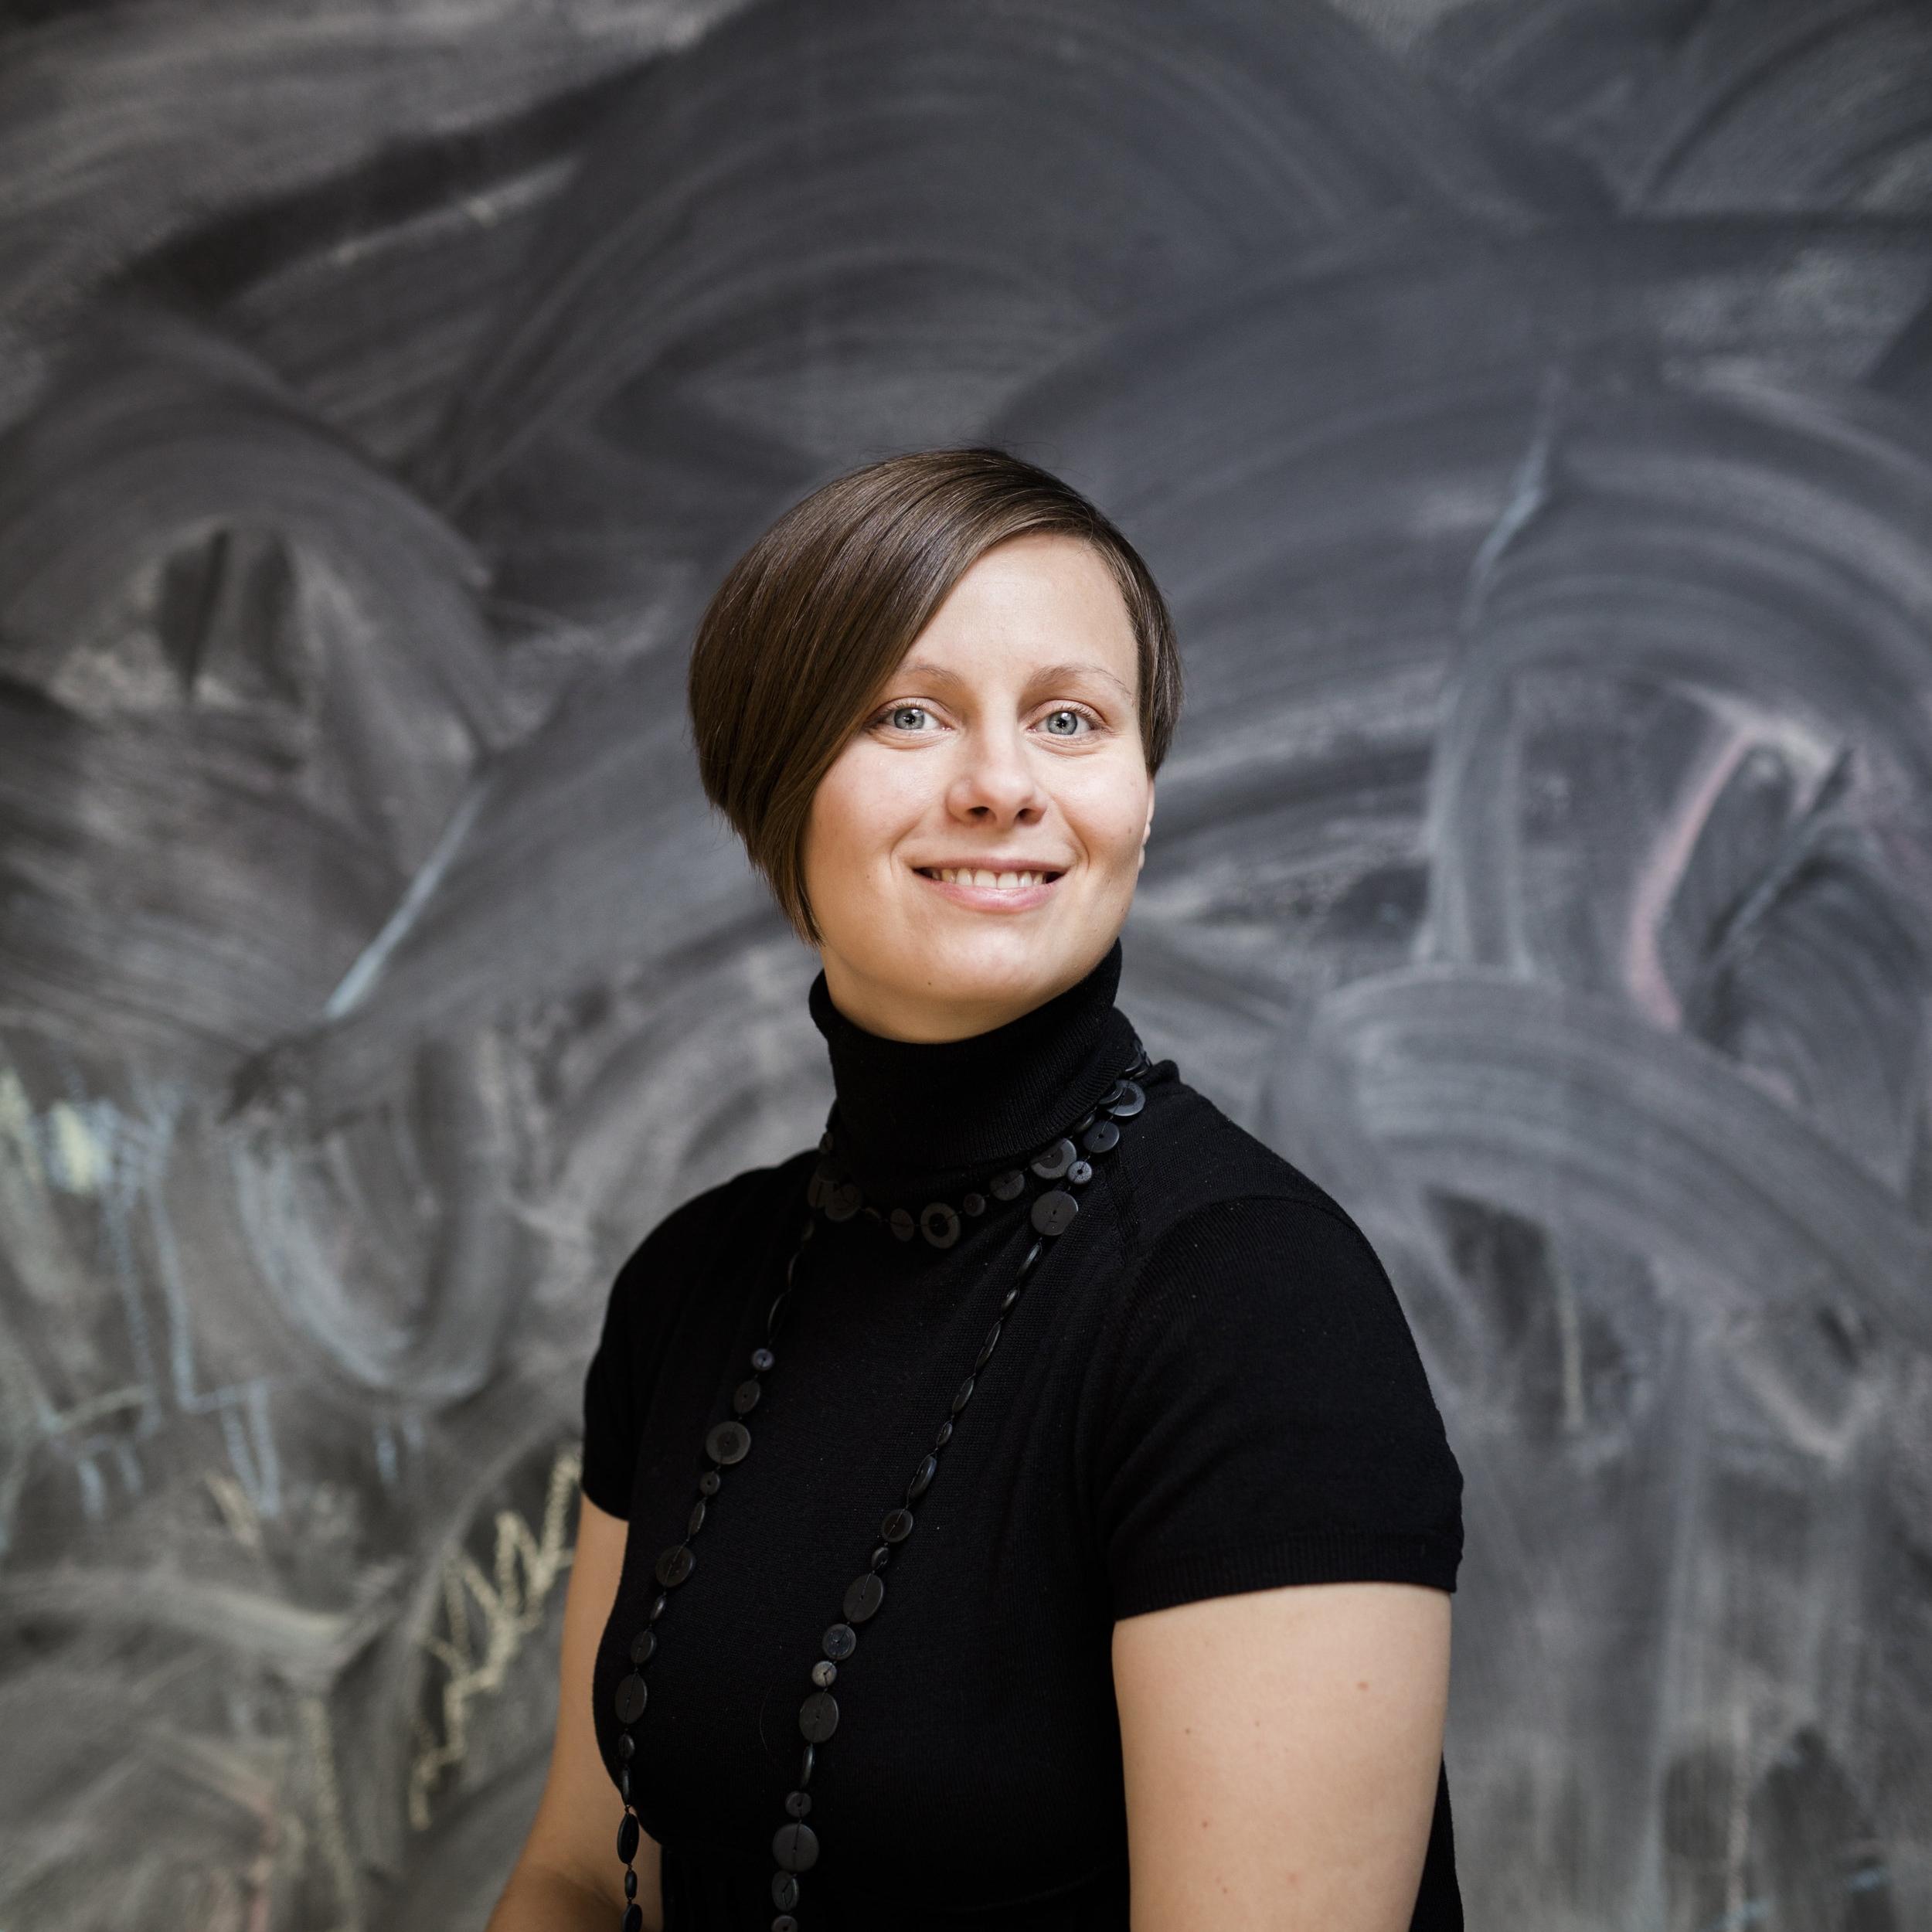 Ami Lindholm (s. 1982) on animaatio-ohjaaja, jonka vauvasarjakuvat ovat riemastuttaneet mm. Kaksplus-lehdessä.    Arvostelukappaleet ja haastattelut  >  heini.salminen@kosmoskirjat.fi